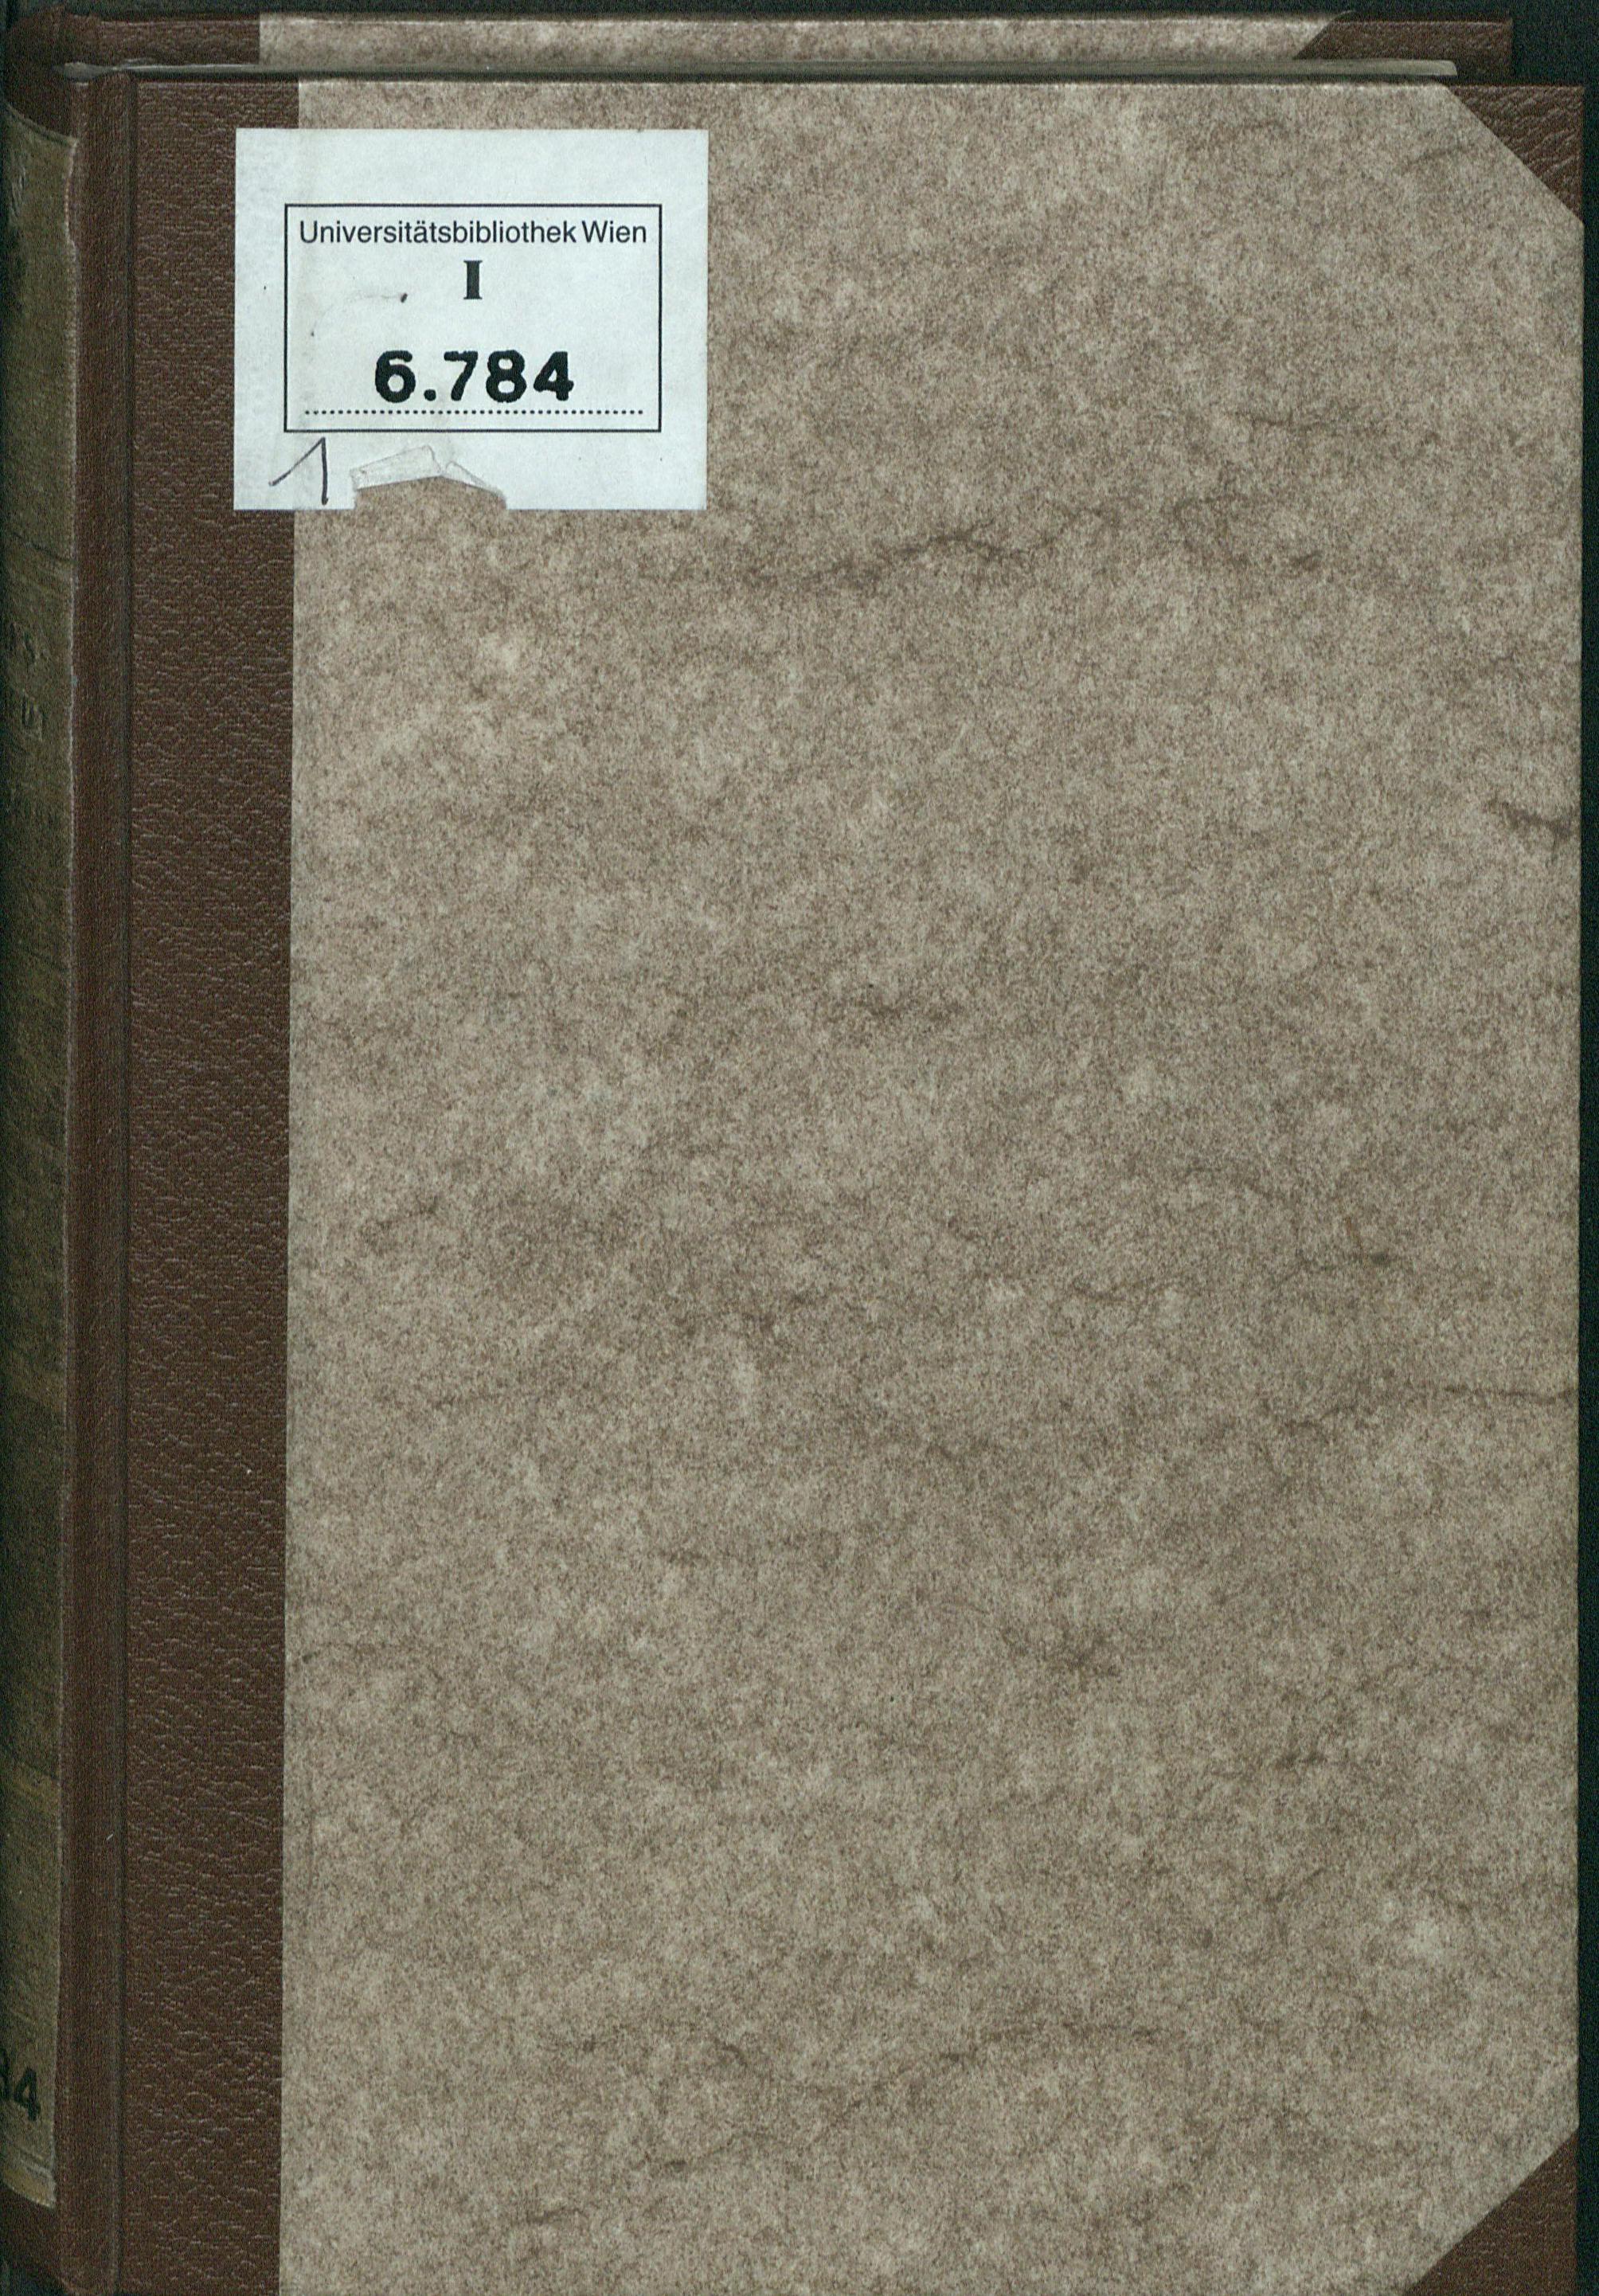 aktuelle Seite als JPG downloaden